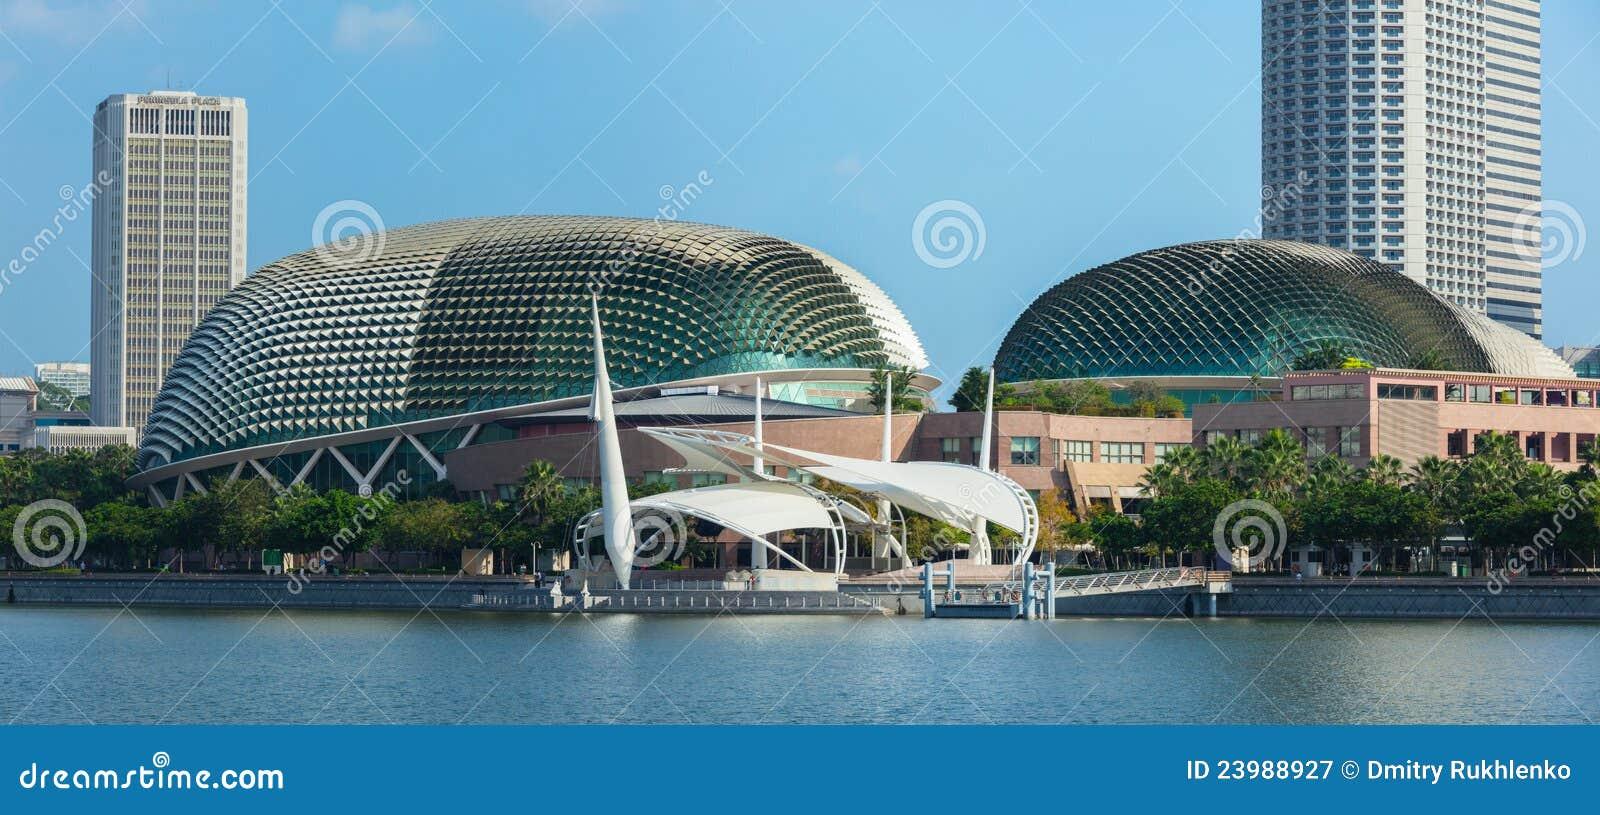 esplanade theatre singapore - photo #39